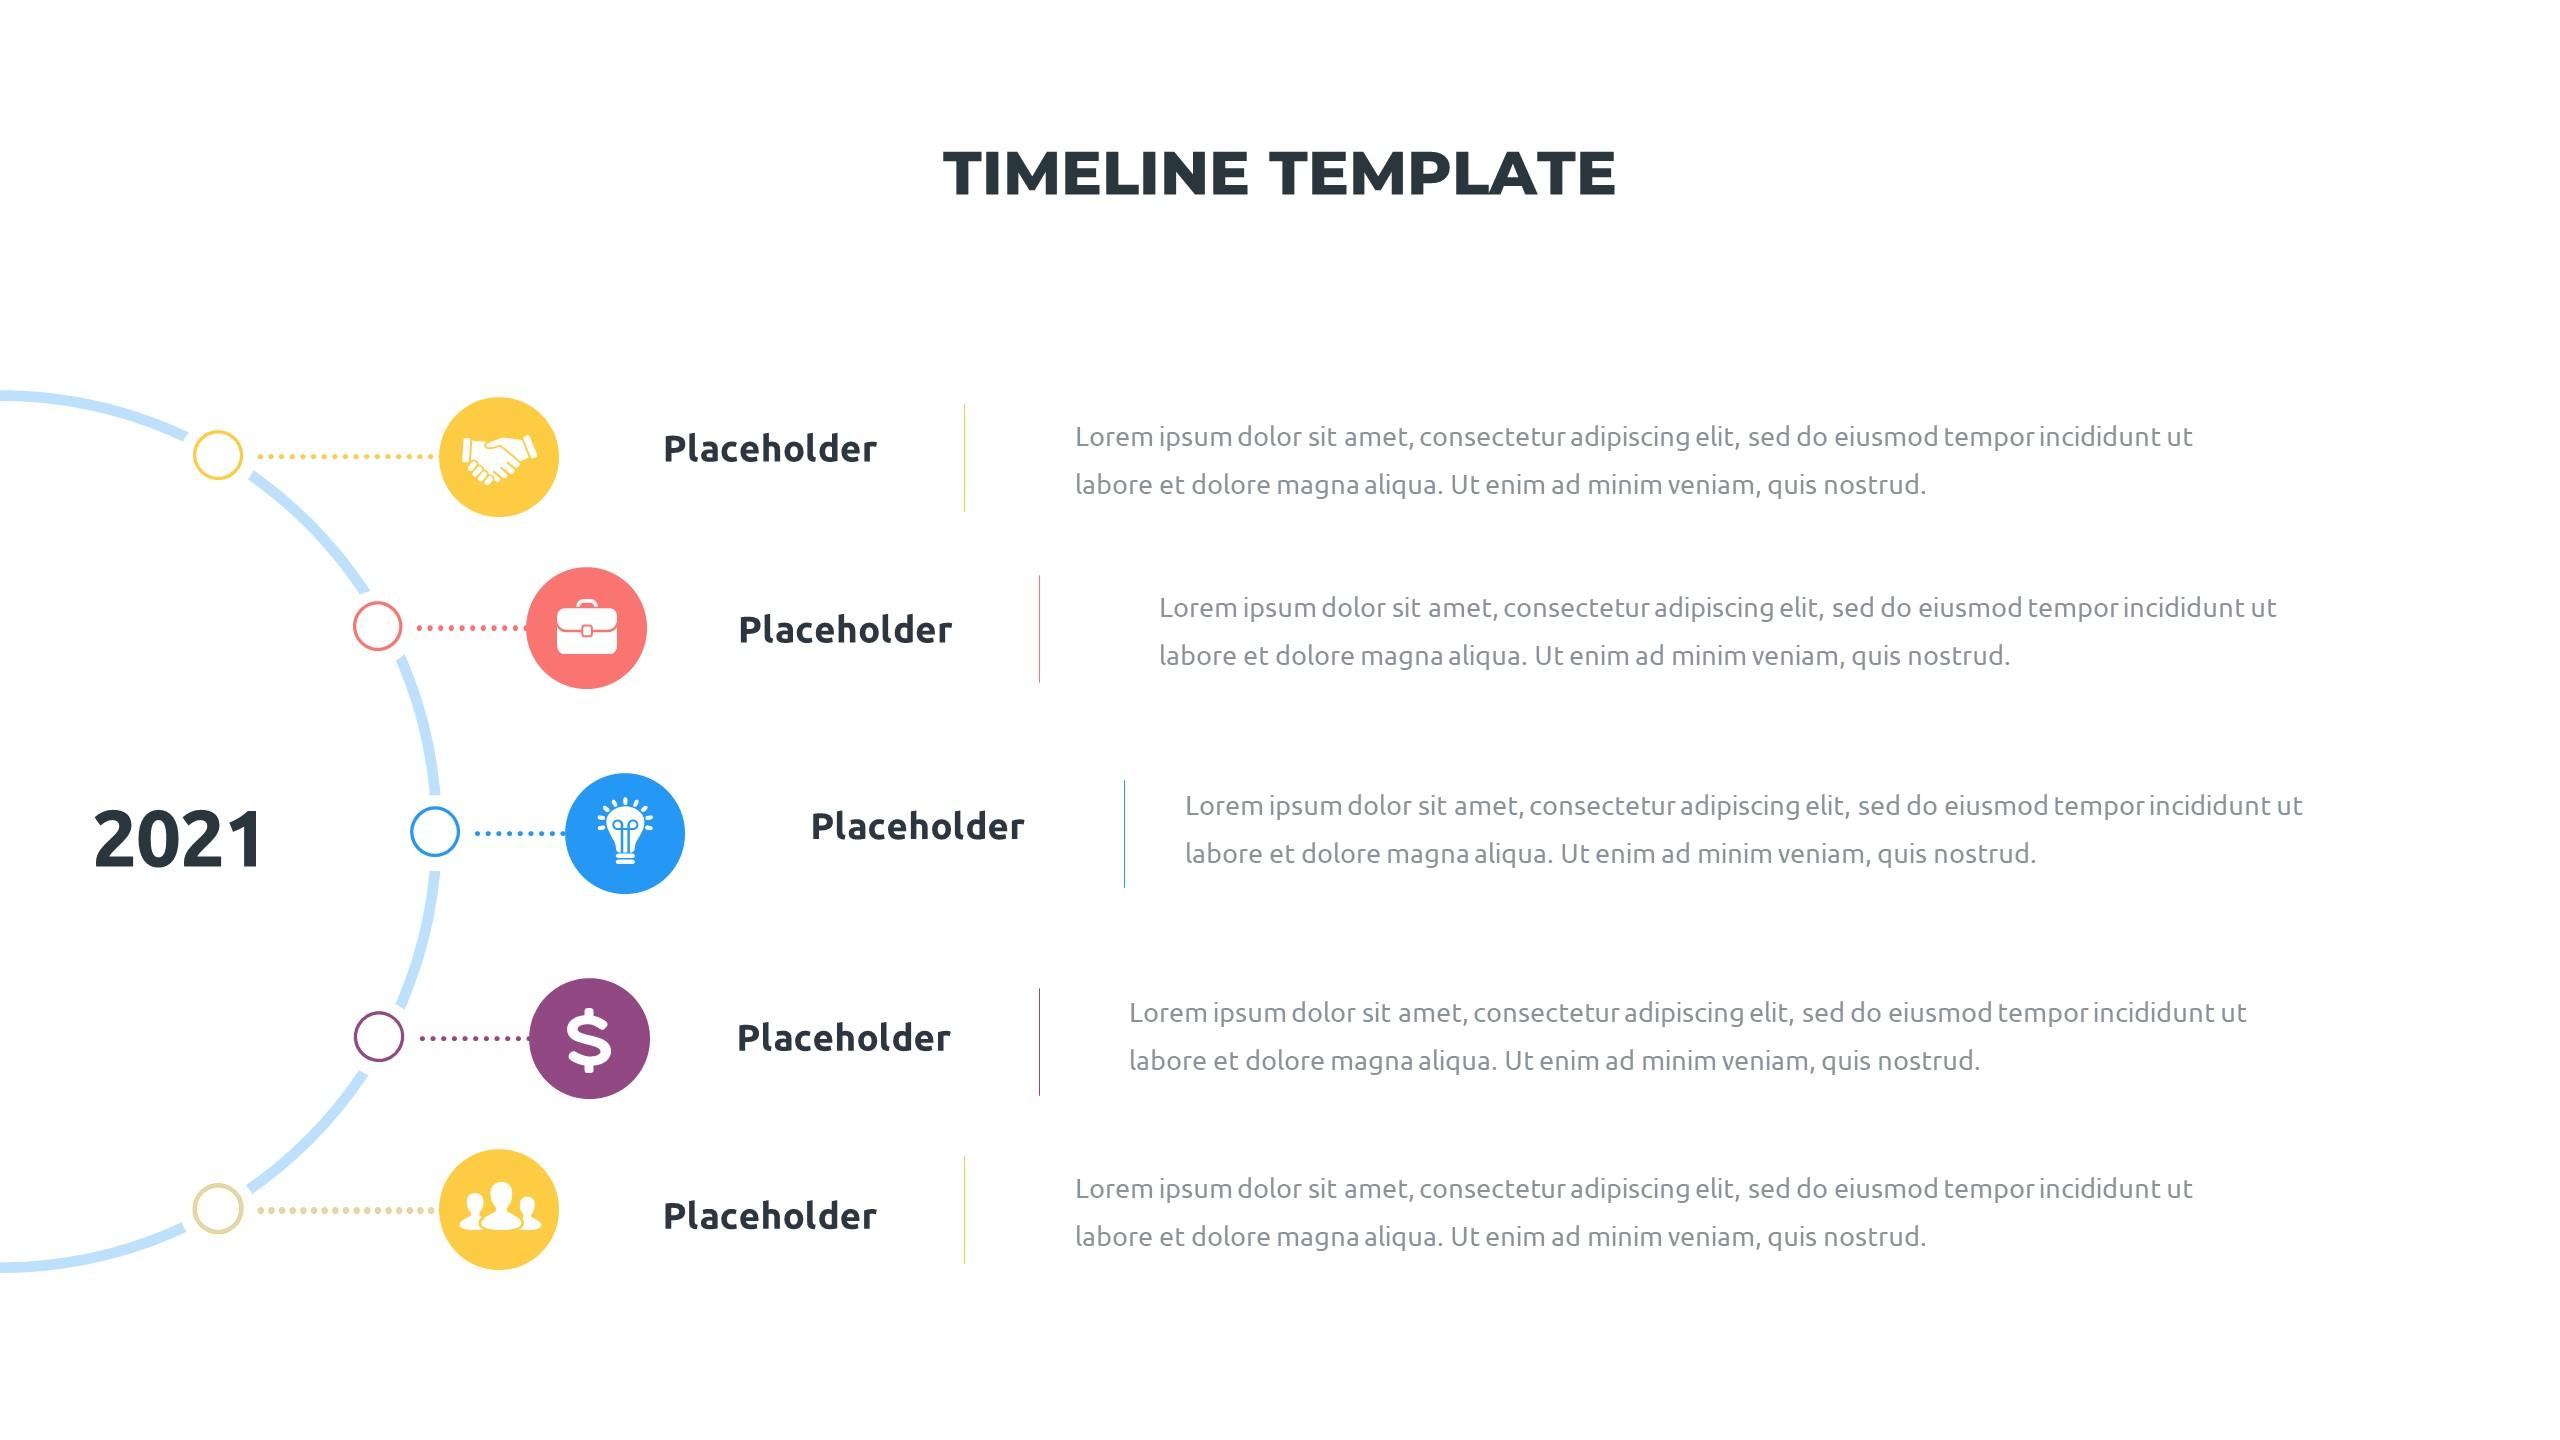 36 Timeline Presentation Templates: Powerpoint, Google Slides, Keynote - Slide22